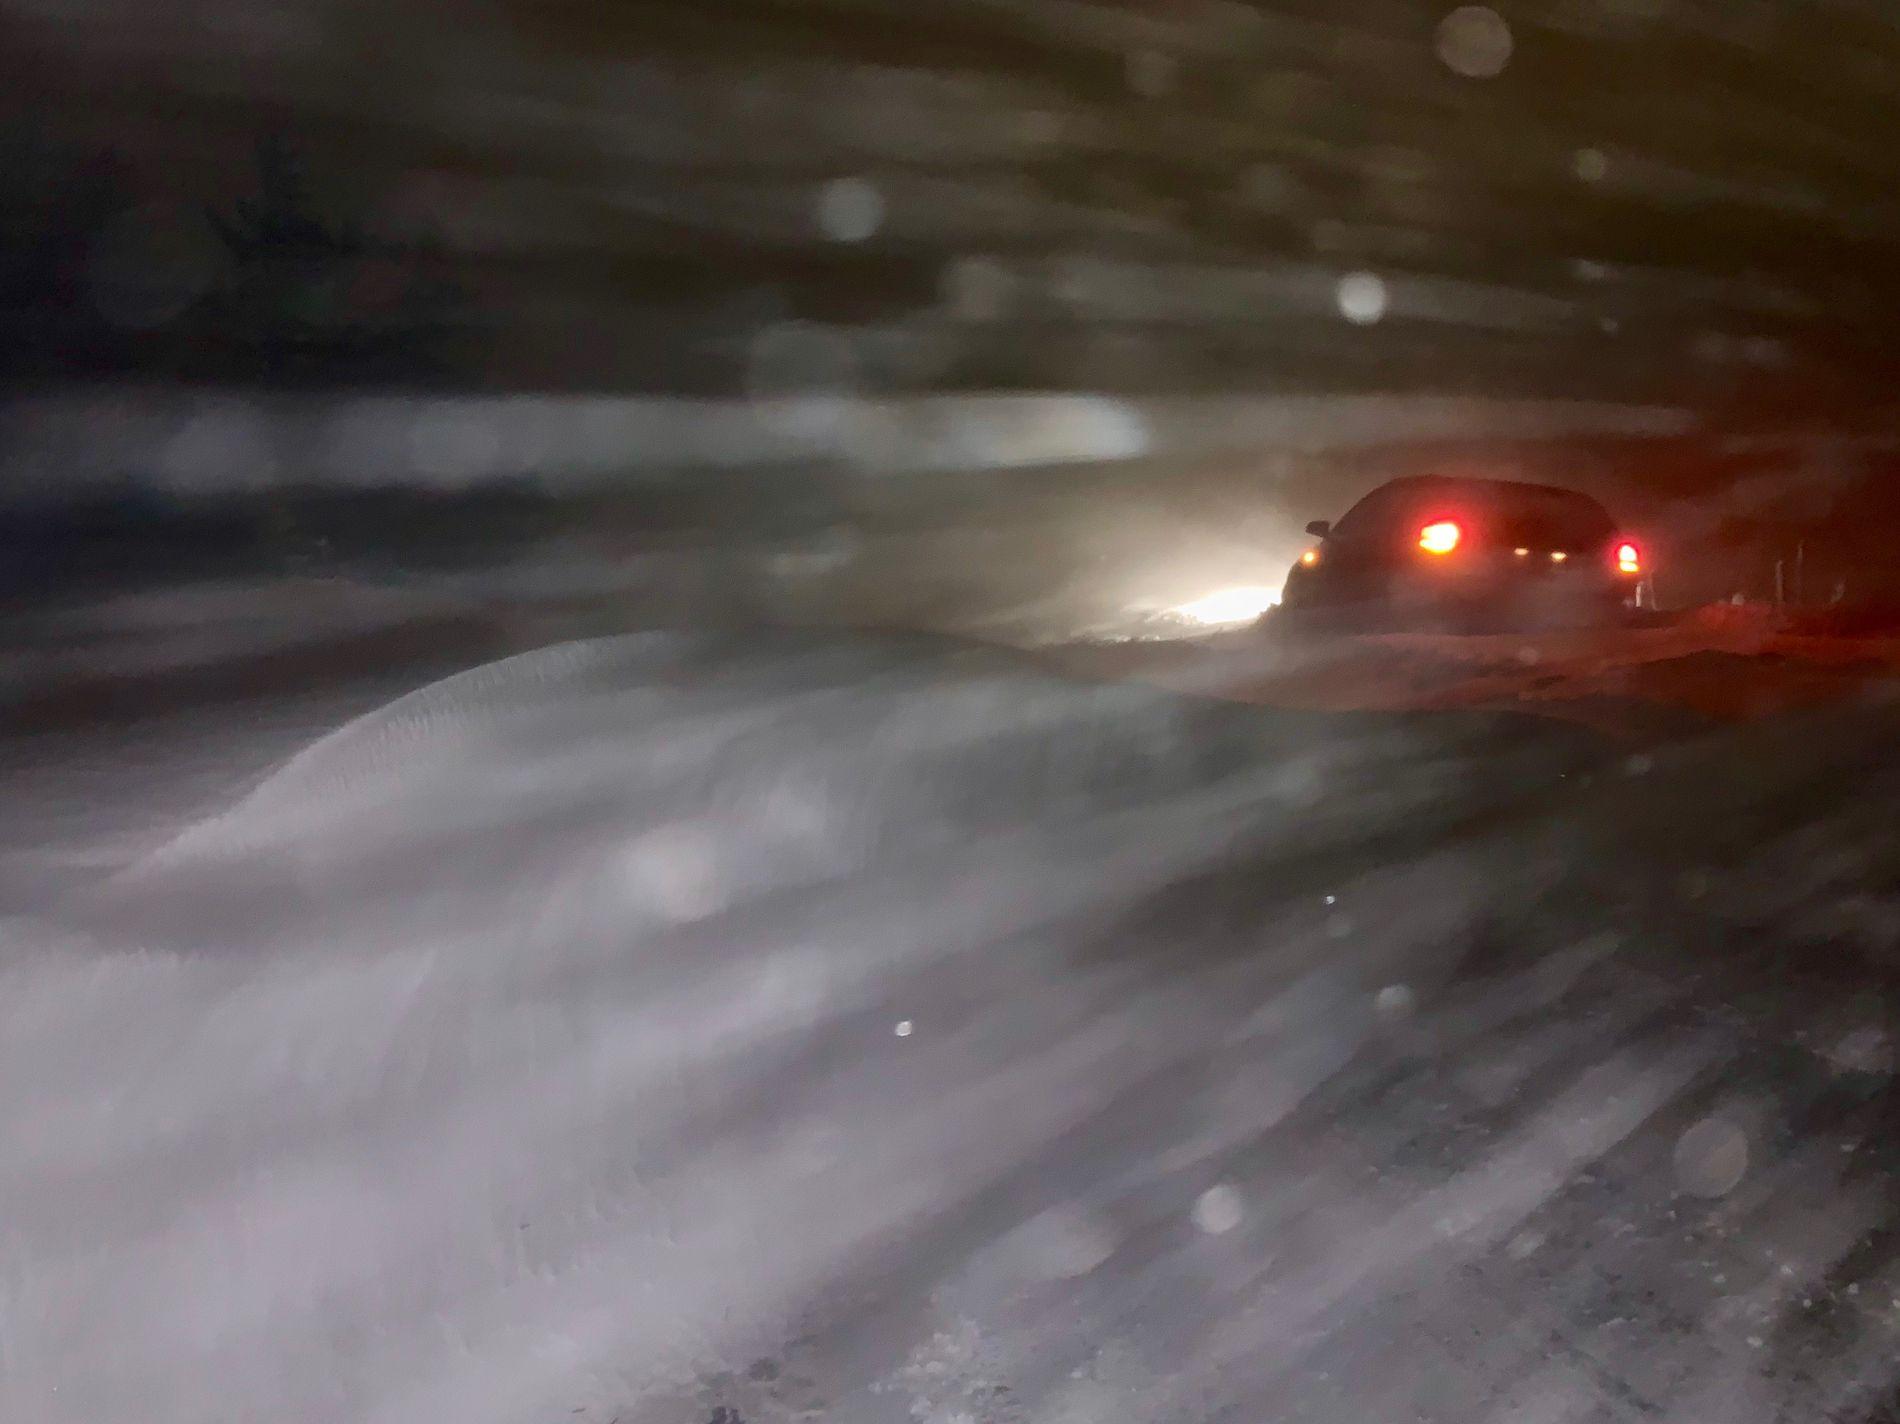 DÅRLIG SIKT: Snøfokk gjorde sikten dårlig og veiene ufarbare på Jæren lørdag kveld og natt til søndag. Bildet er fra Høgjæren.